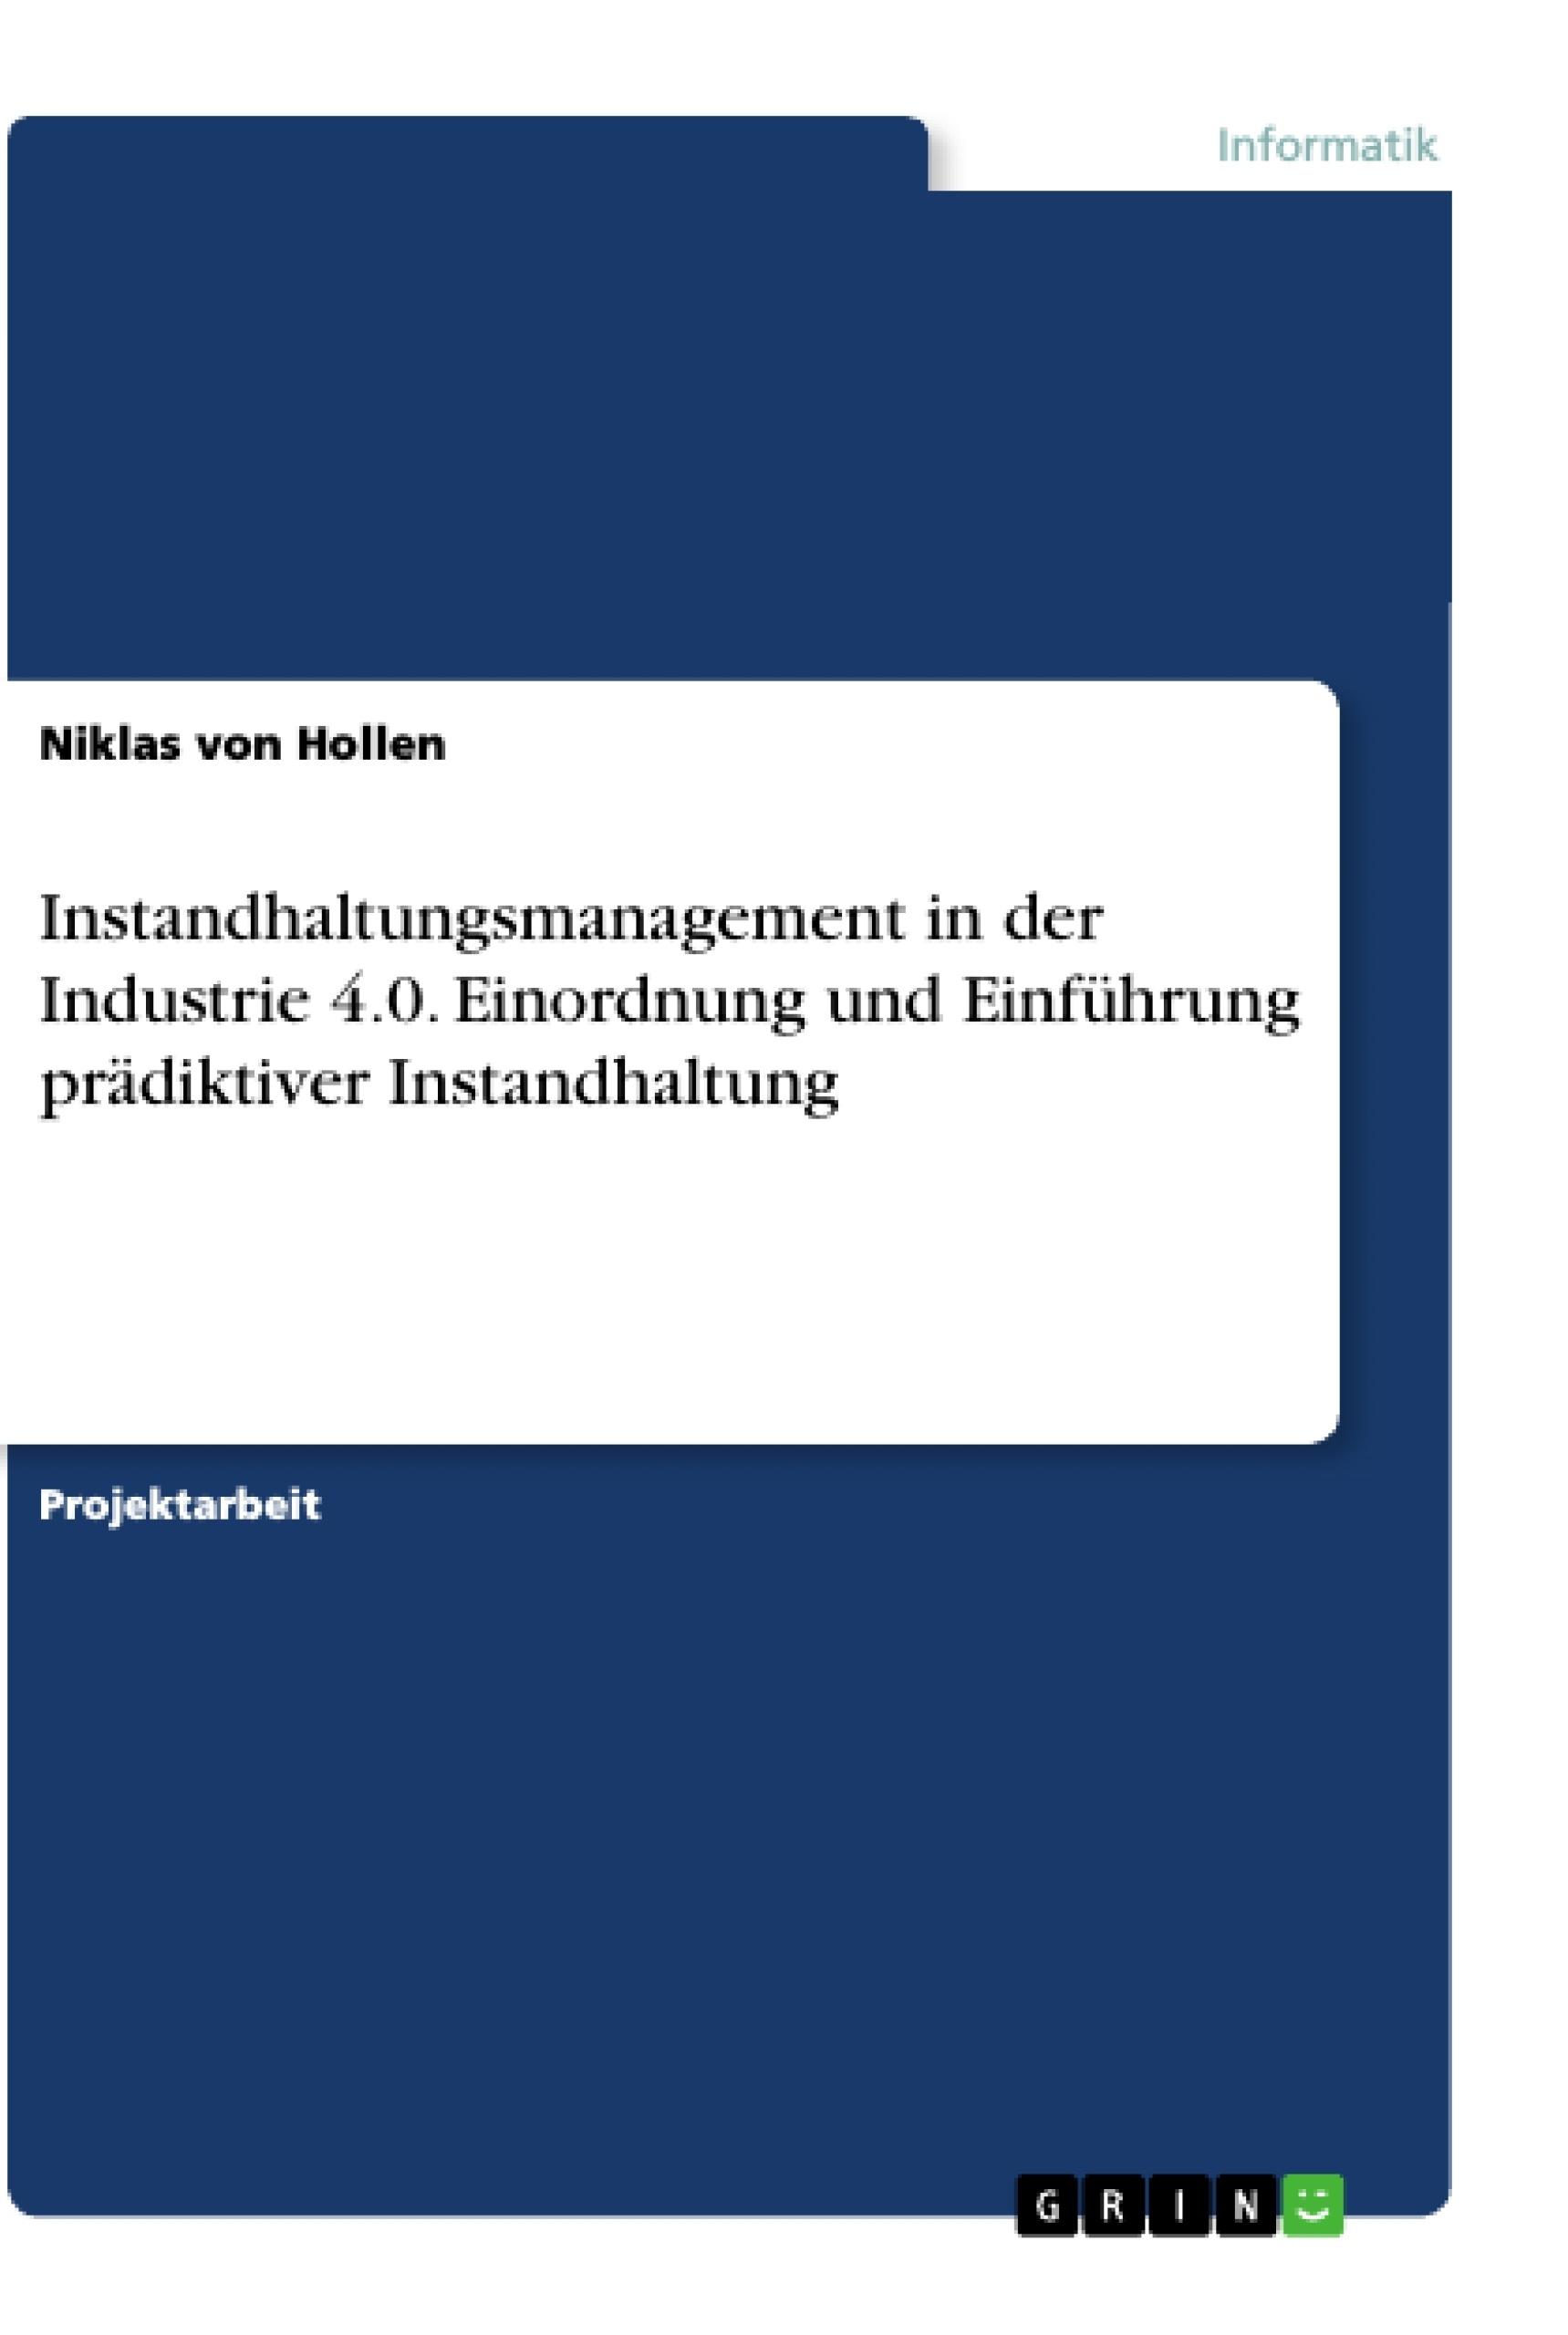 Titel: Instandhaltungsmanagement in der Industrie 4.0. Einordnung und Einführung prädiktiver Instandhaltung